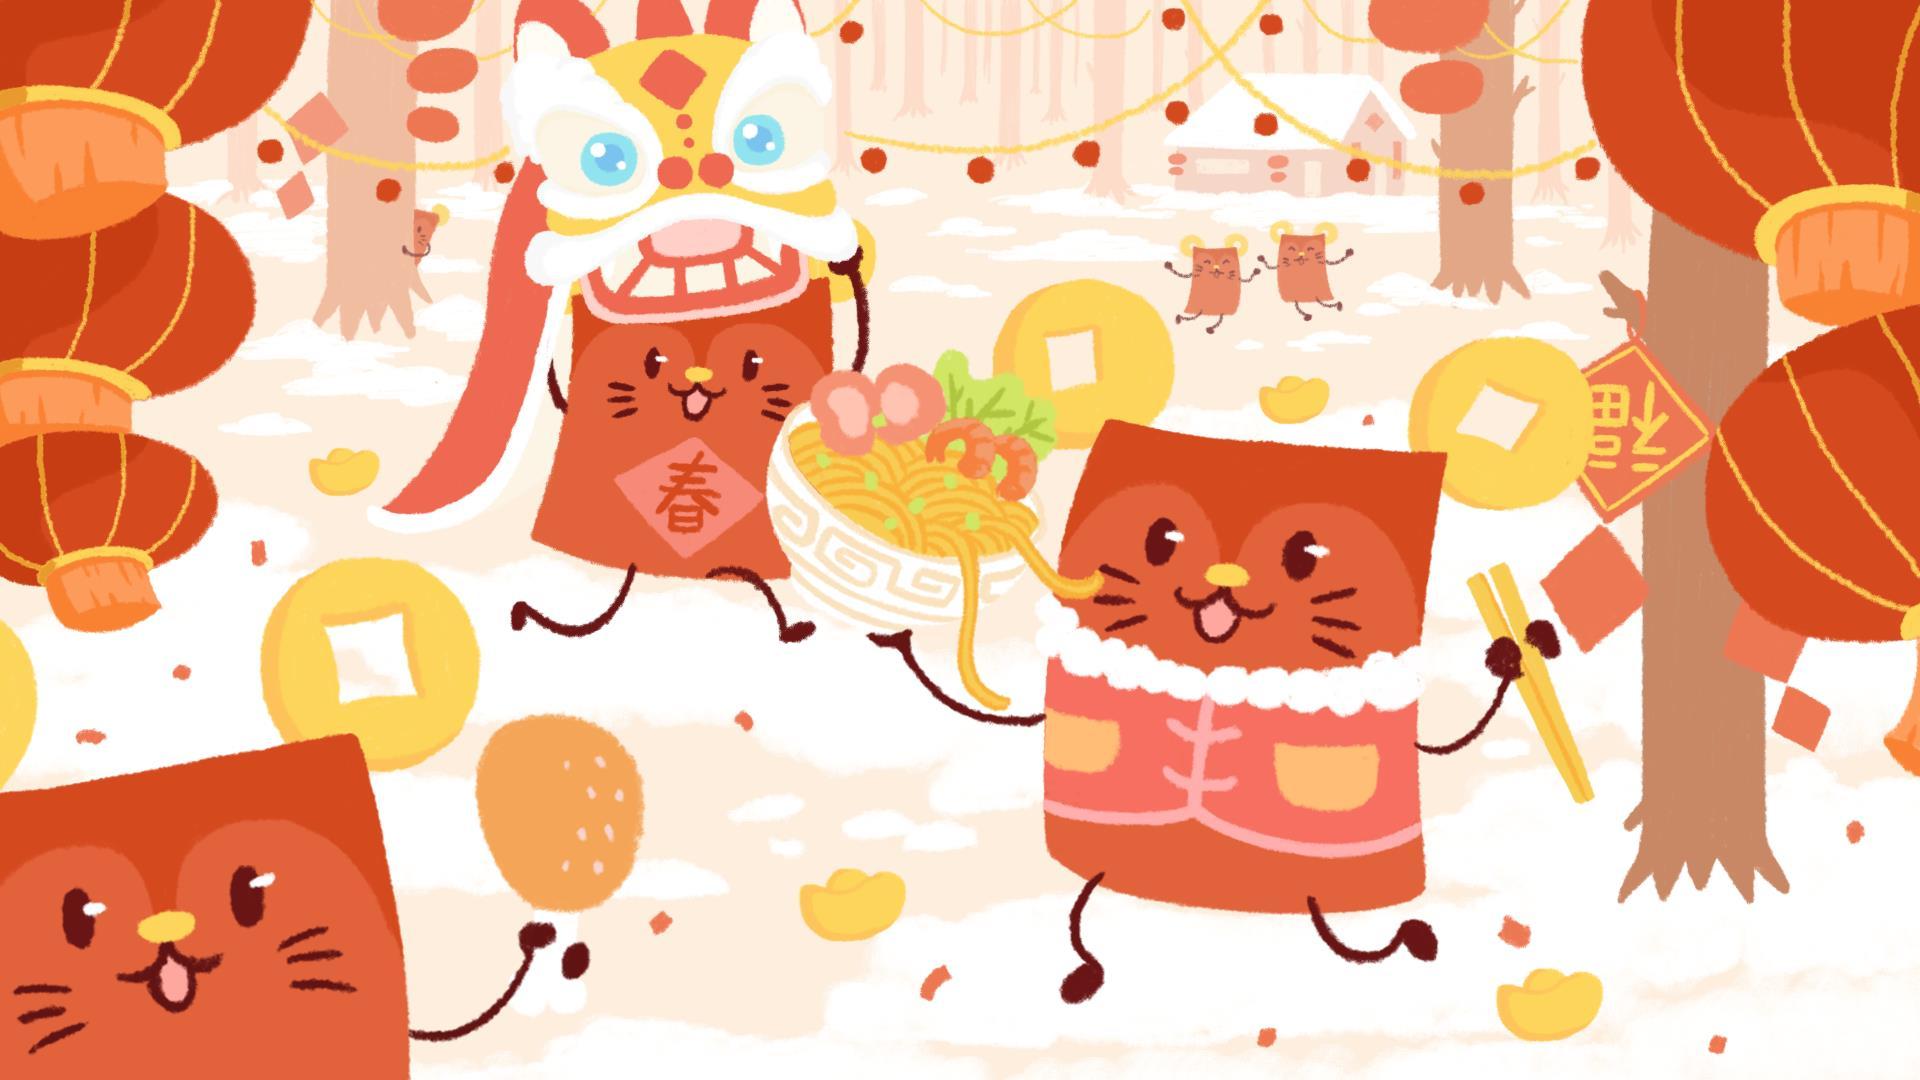 新春快乐喜气洋洋超清电脑壁纸图片大全